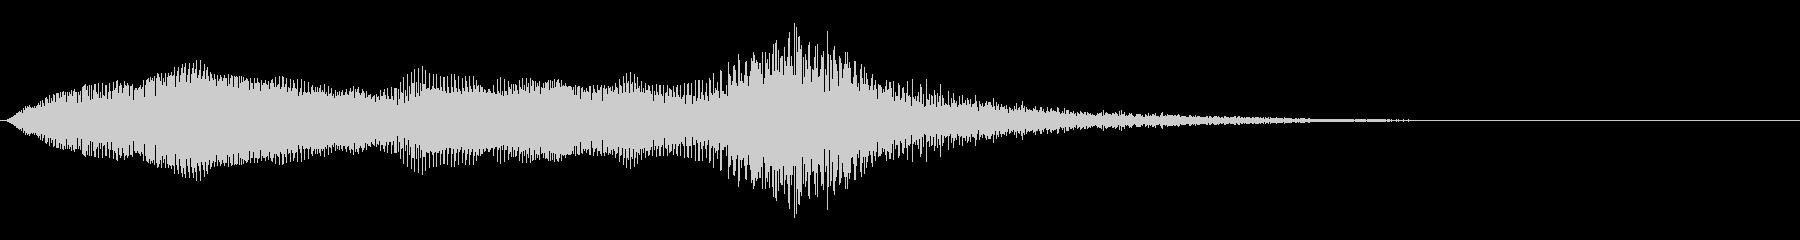 ドラマティックオーケストラアクセント2の未再生の波形